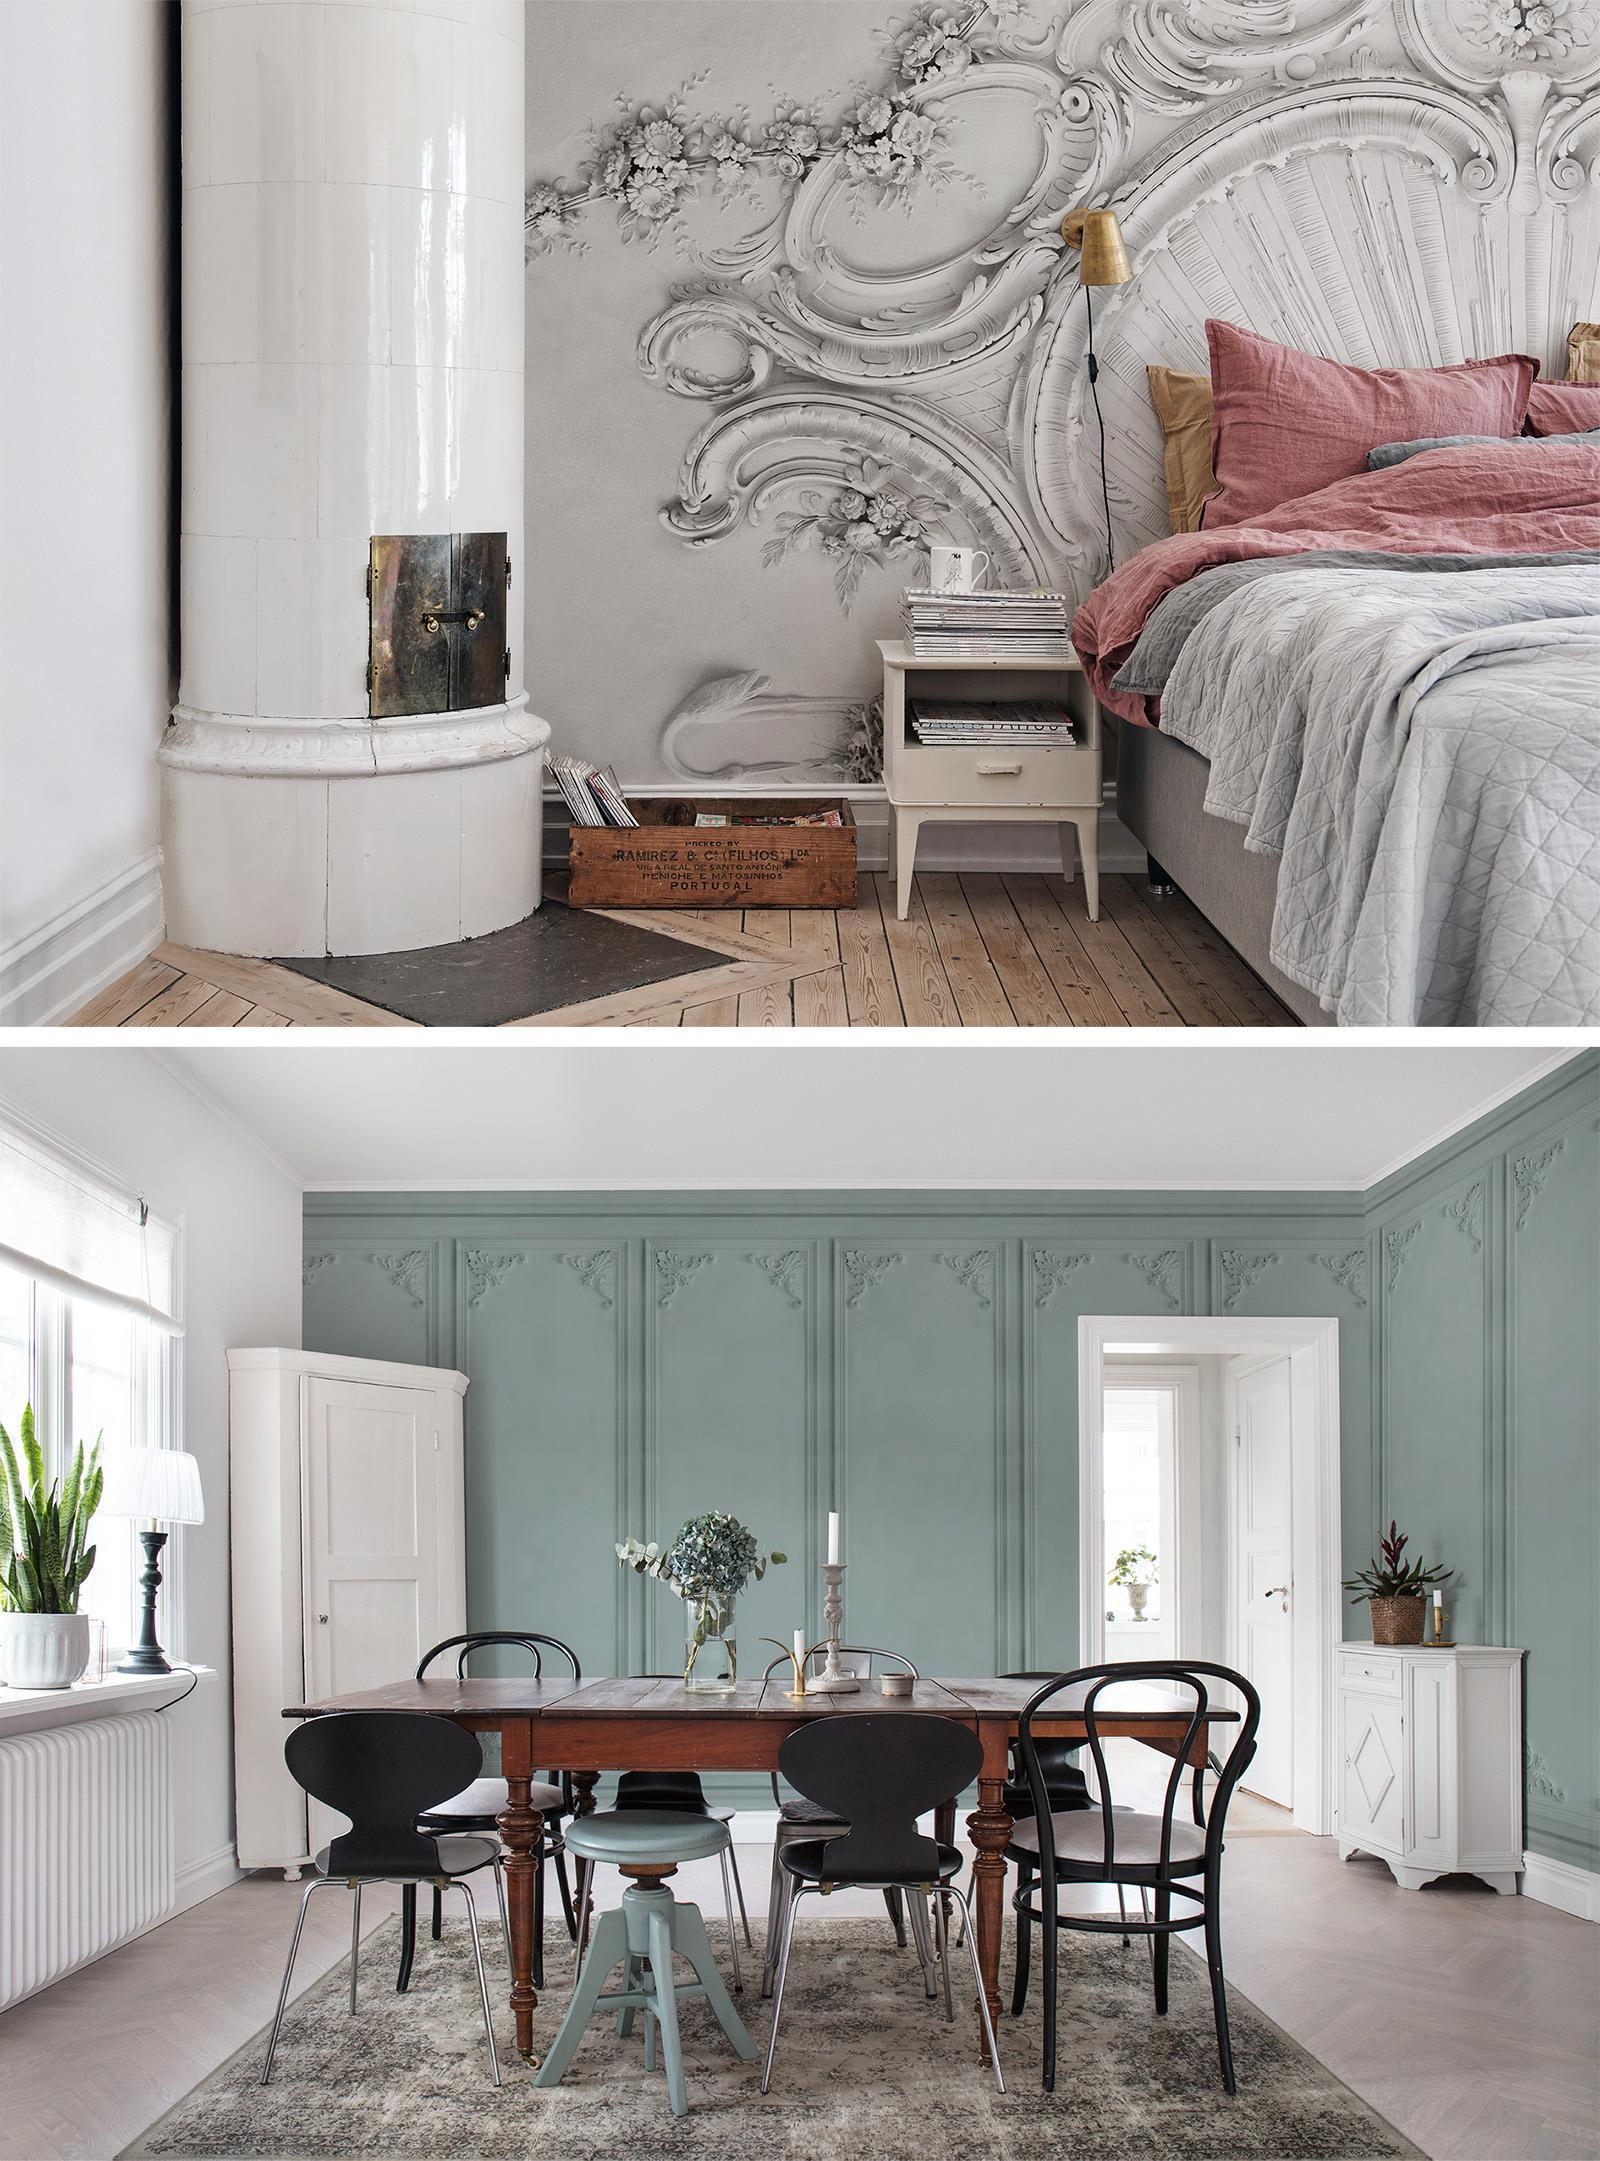 wanddeko bilder ideen couchstyle